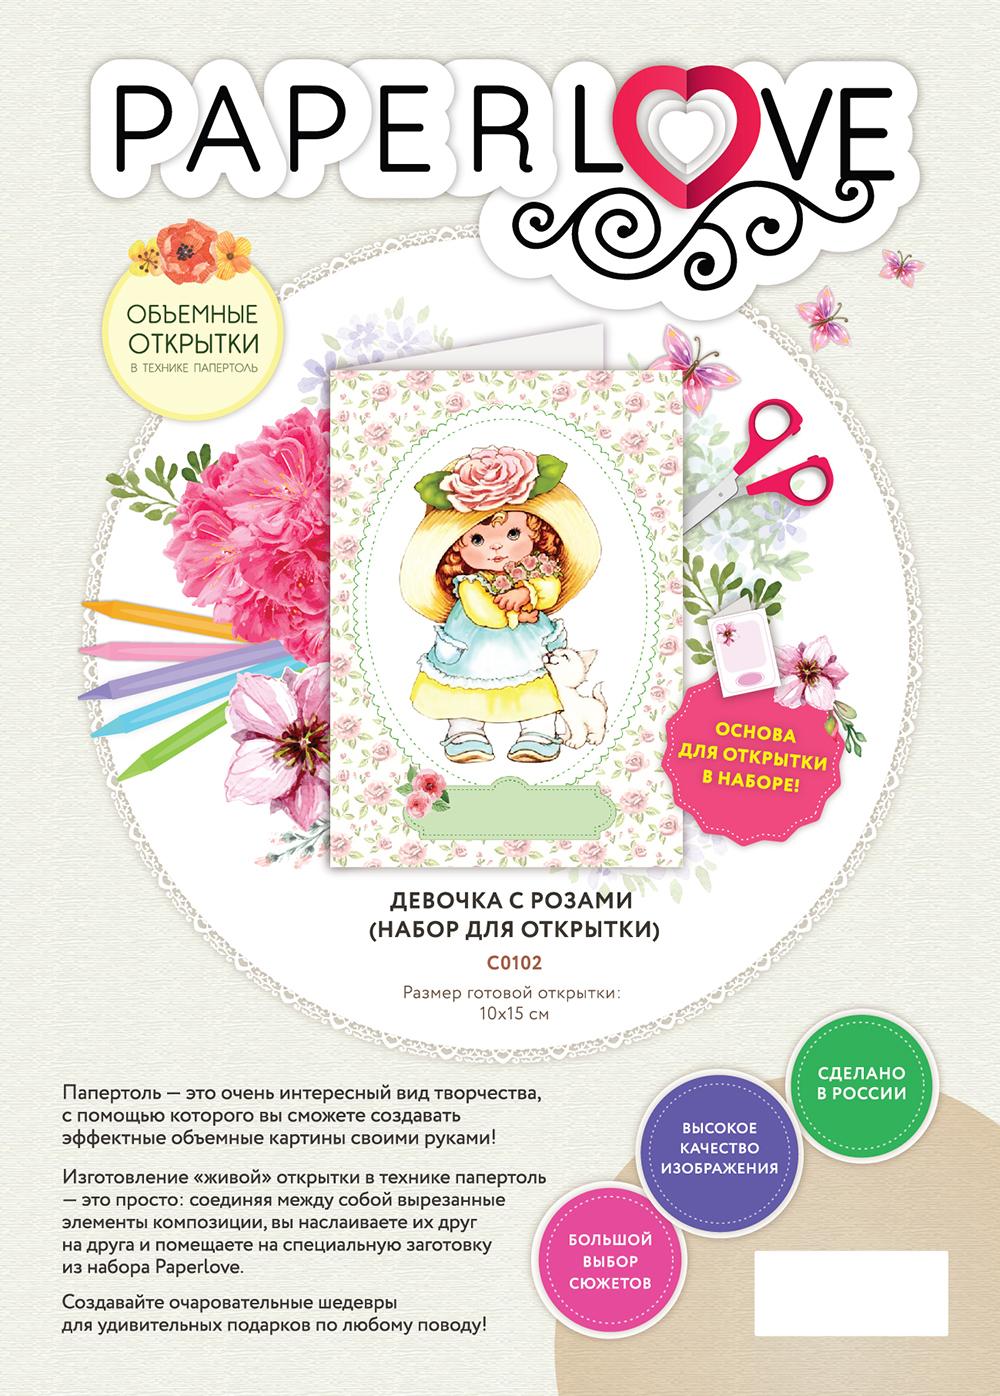 Открытка–папертоль Девочка с розами – фотография обложки.